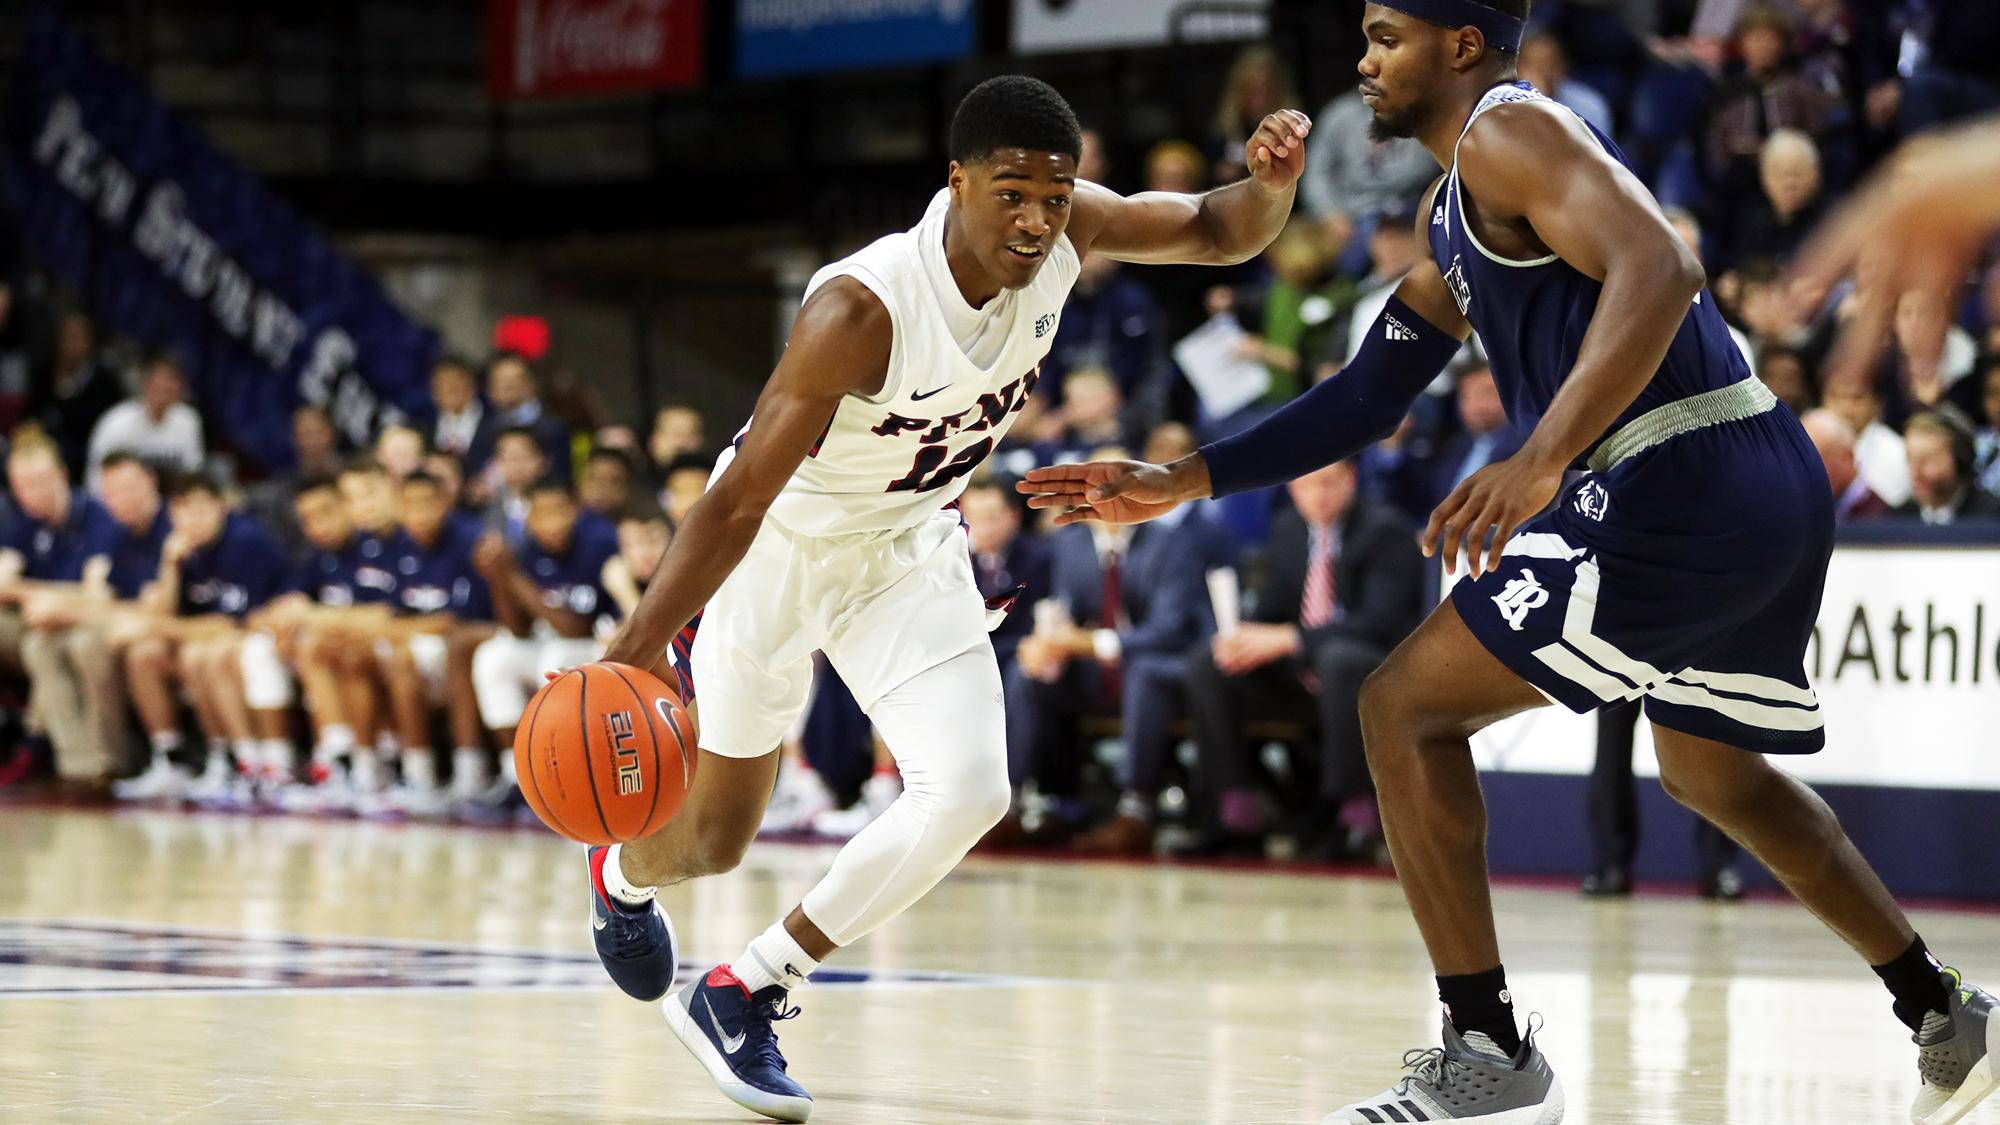 Men's basketball team rolls over Lafayette | Penn Today